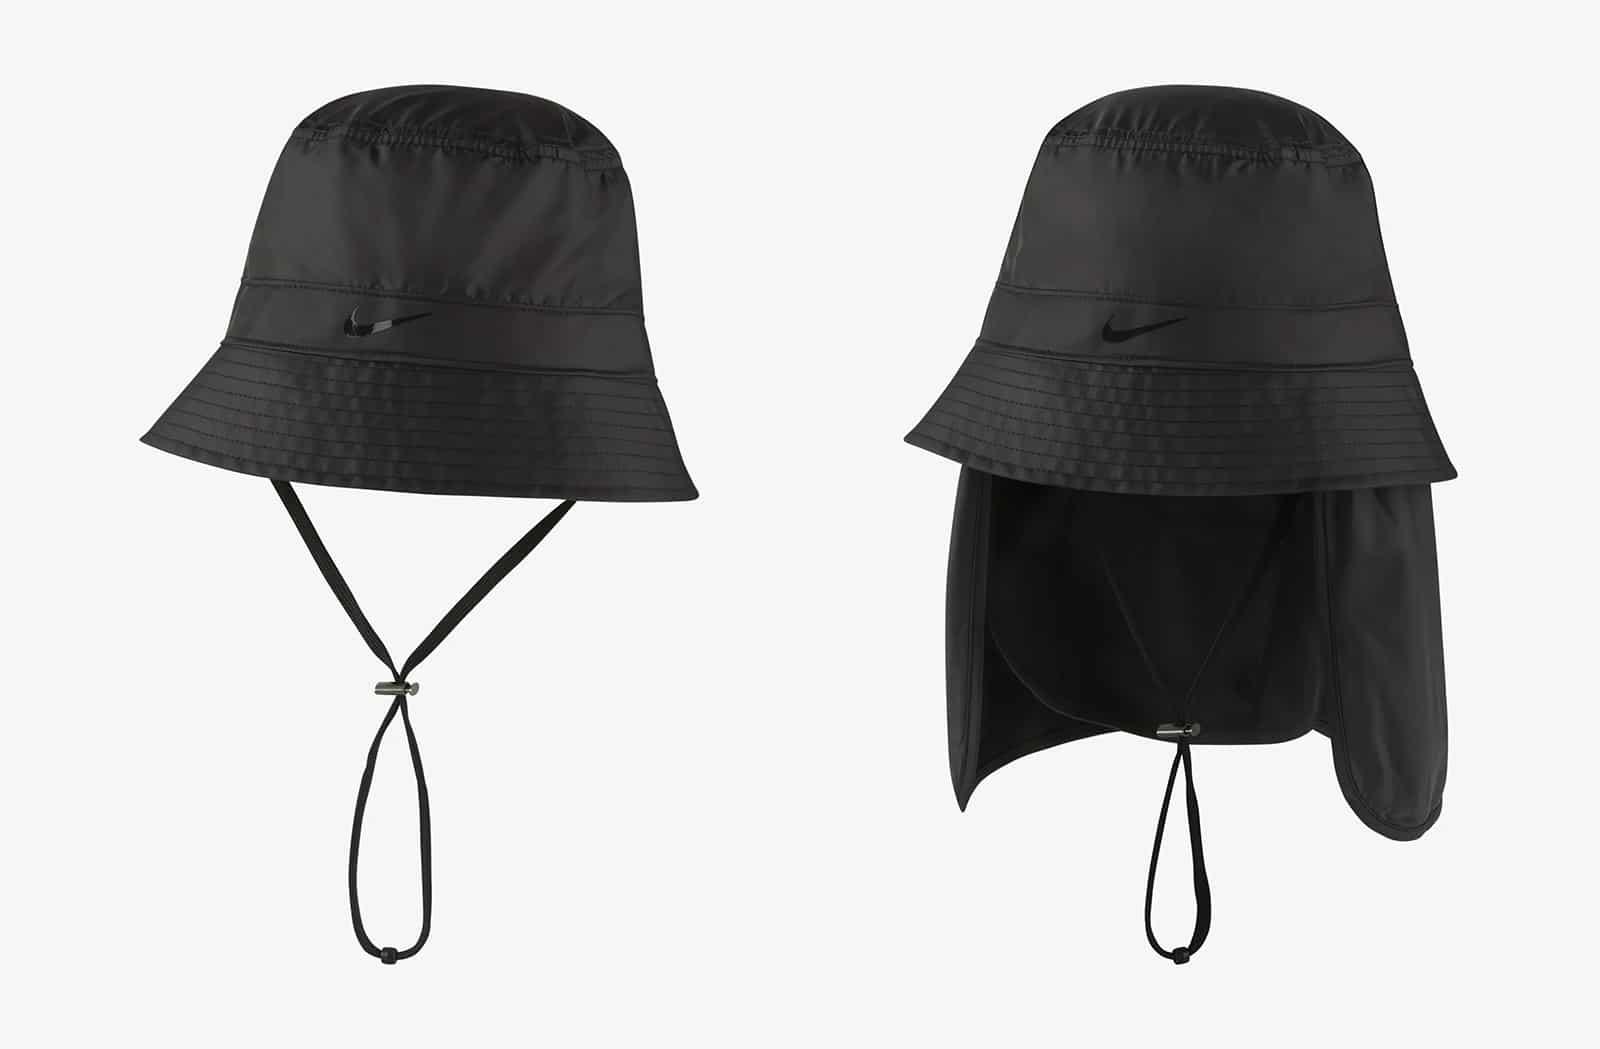 Теннисная шляпа-ведро